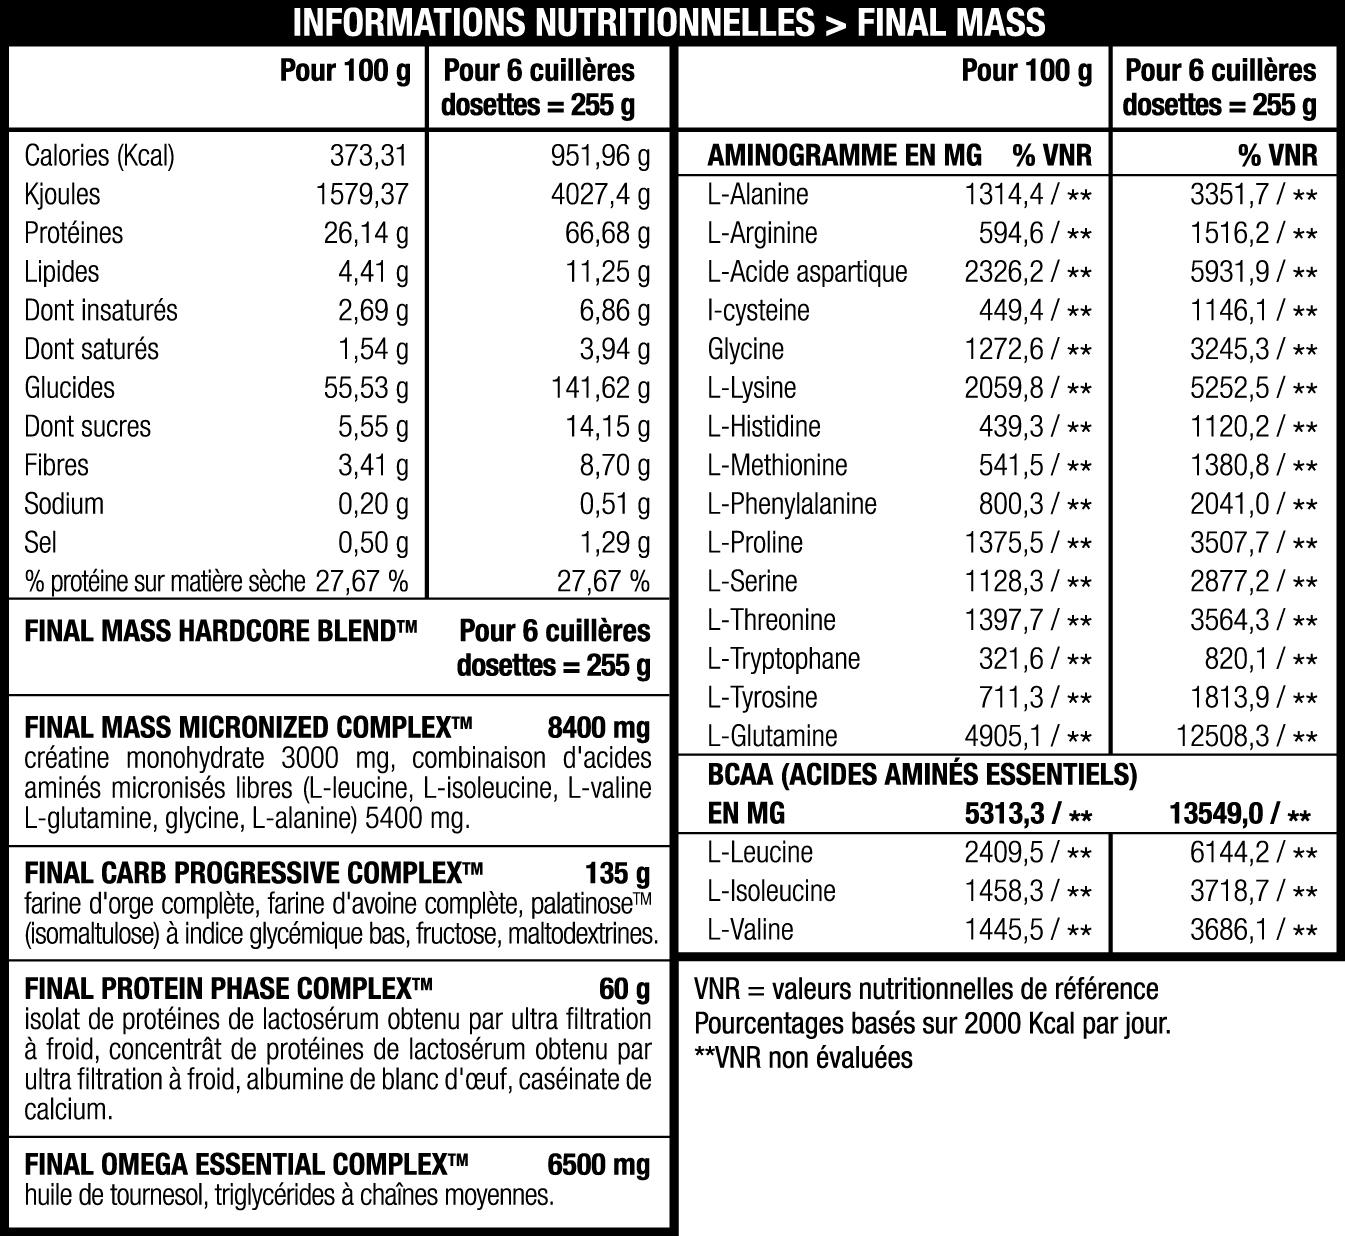 Informations nutritionnelles Final Mass de Corgenic